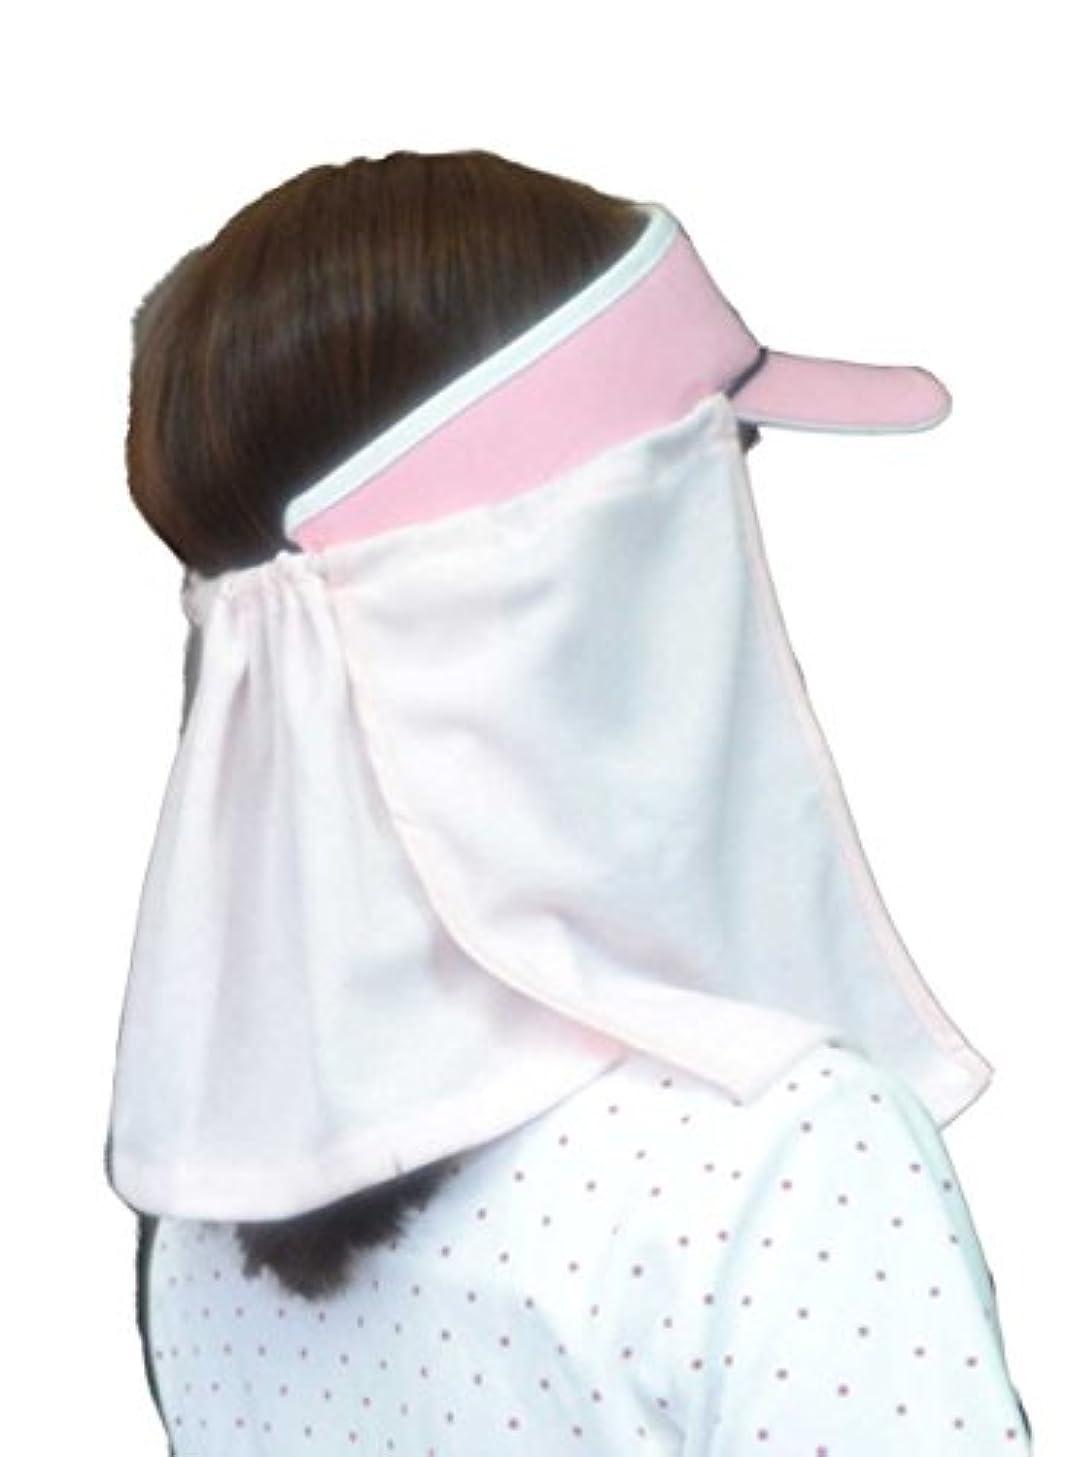 特異な違反暗殺するUVカット帽子カバー?スズシーノ?(ピンク)紫外線対策や熱射病、熱中症対策に最適【特許取得済】